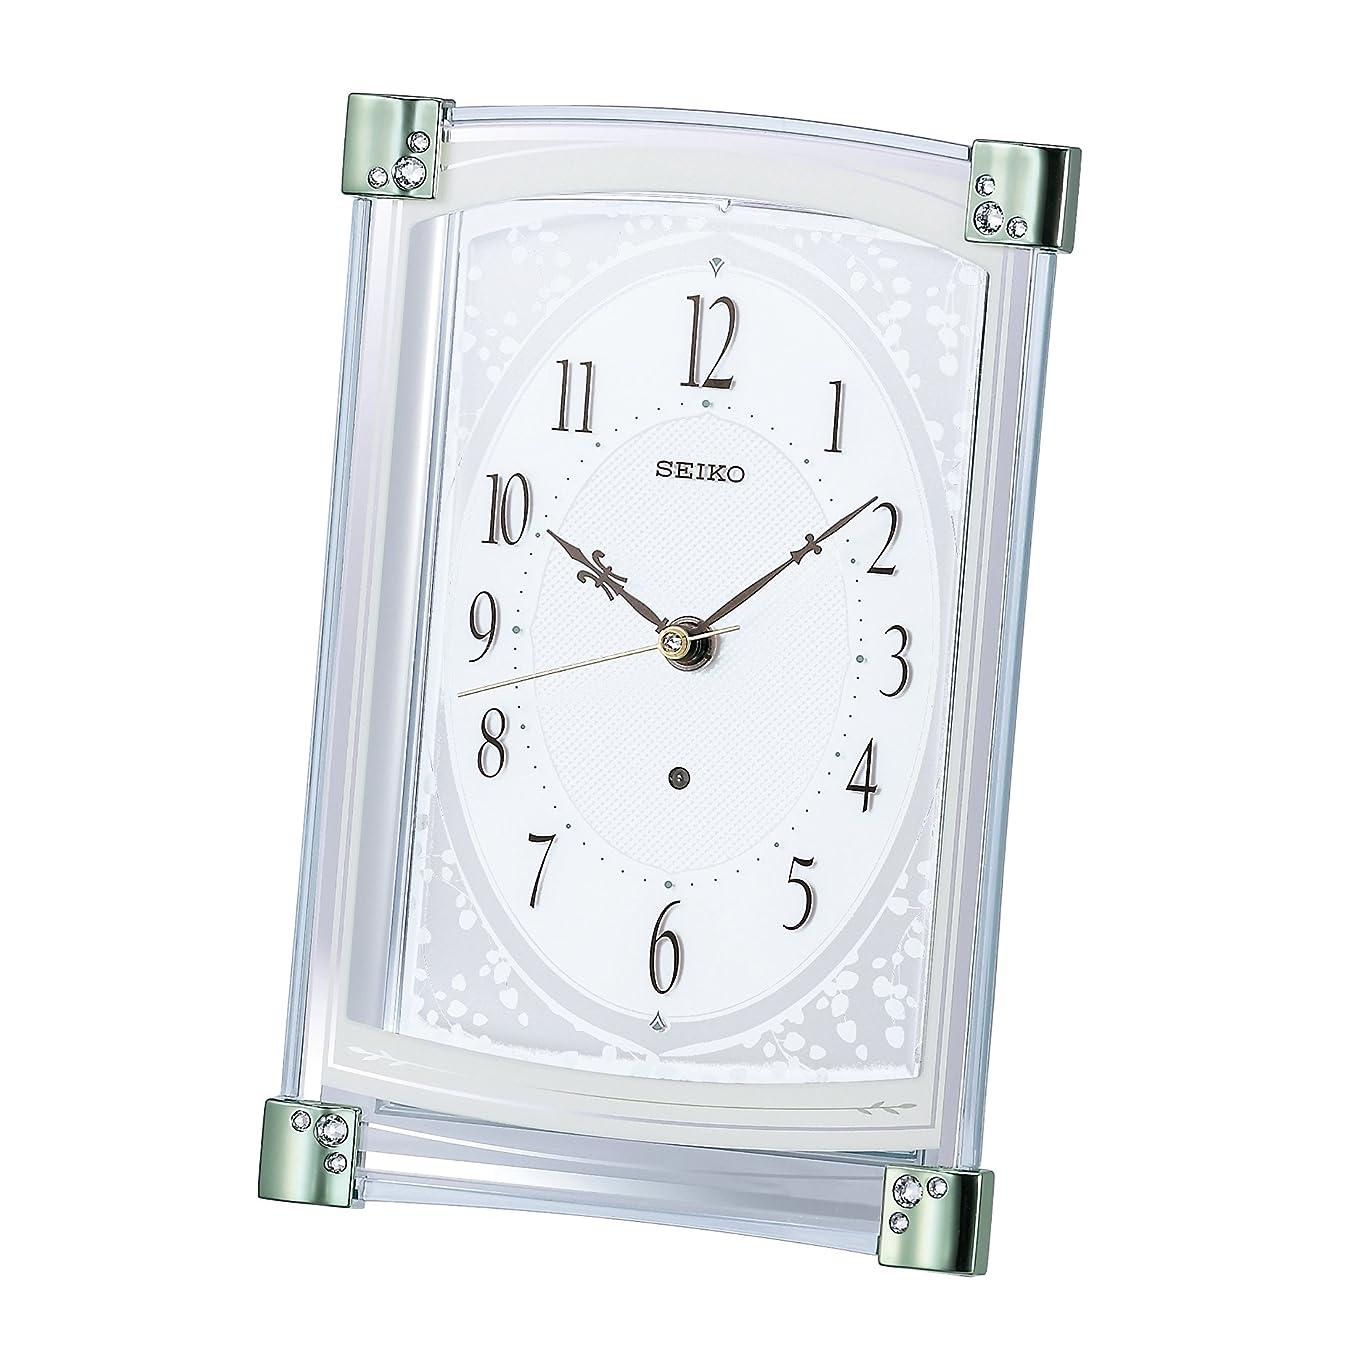 無線メイド田舎者SEIKO CLOCK (セイコークロック) 置き時計 電波 アナログ 薄緑 BZ360M